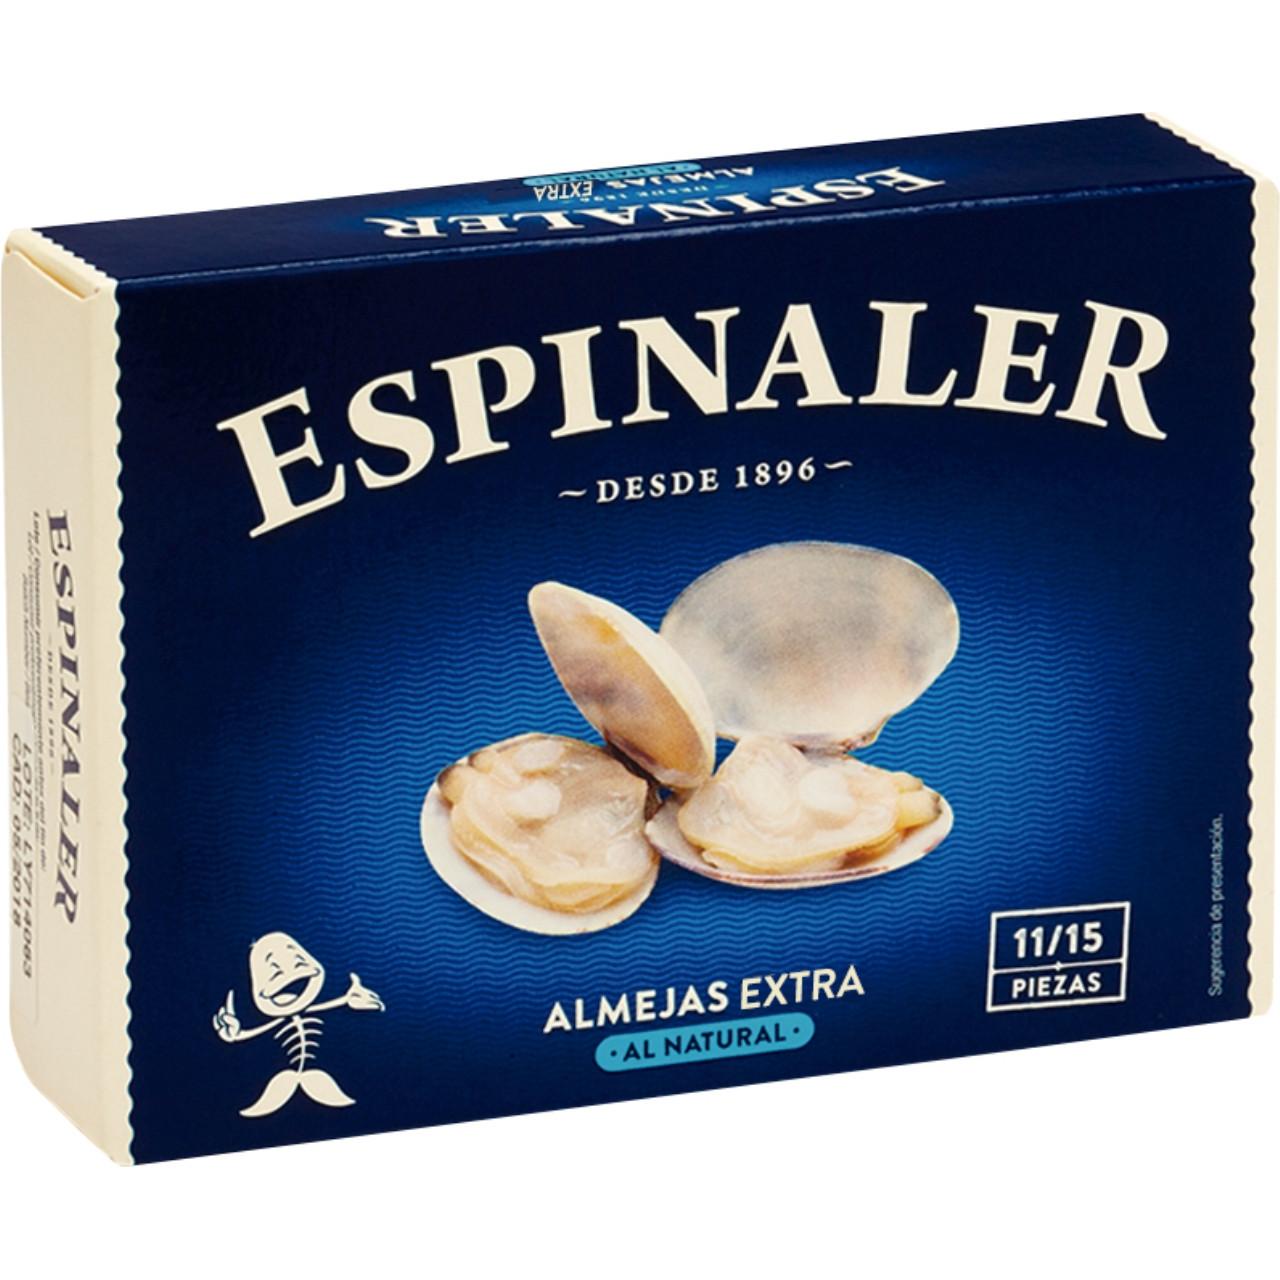 Espinaler-cloisses naturals rr125 11/15